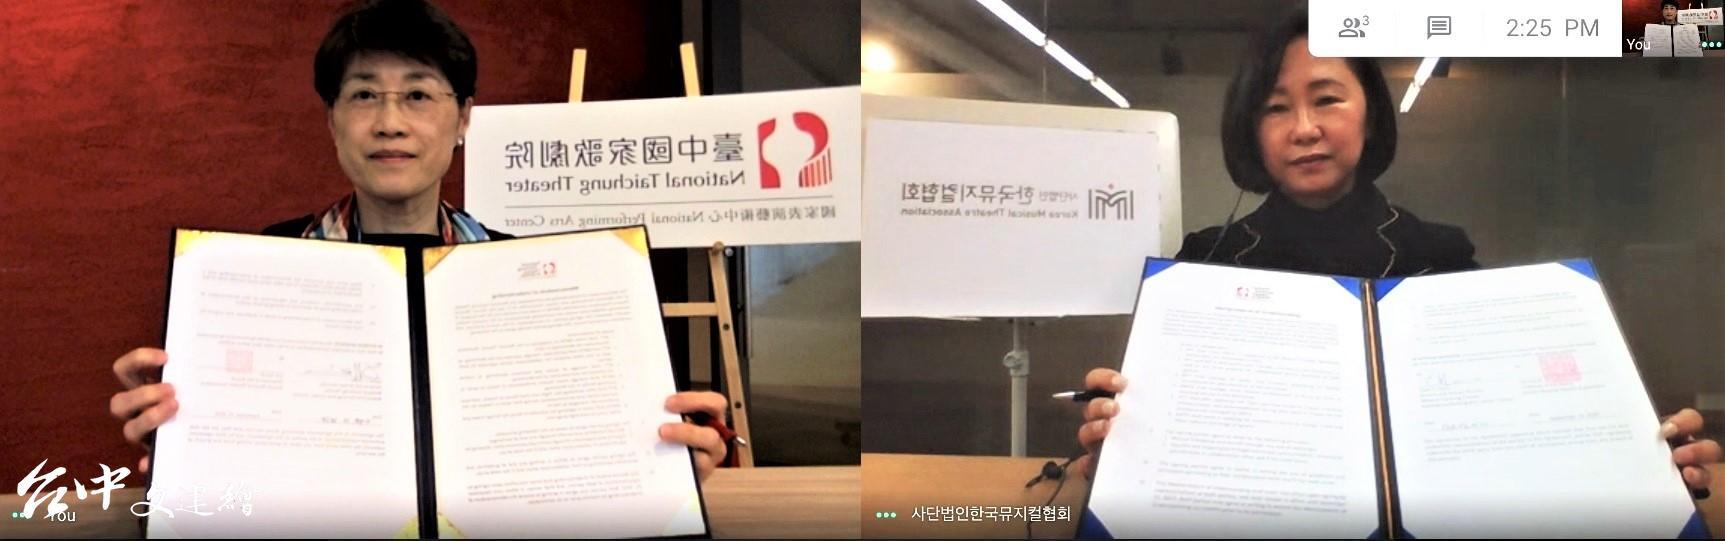 台中歌劇院與韓國音樂劇協會(KMTA)線上簽署MOU。(圖:台中歌劇院)